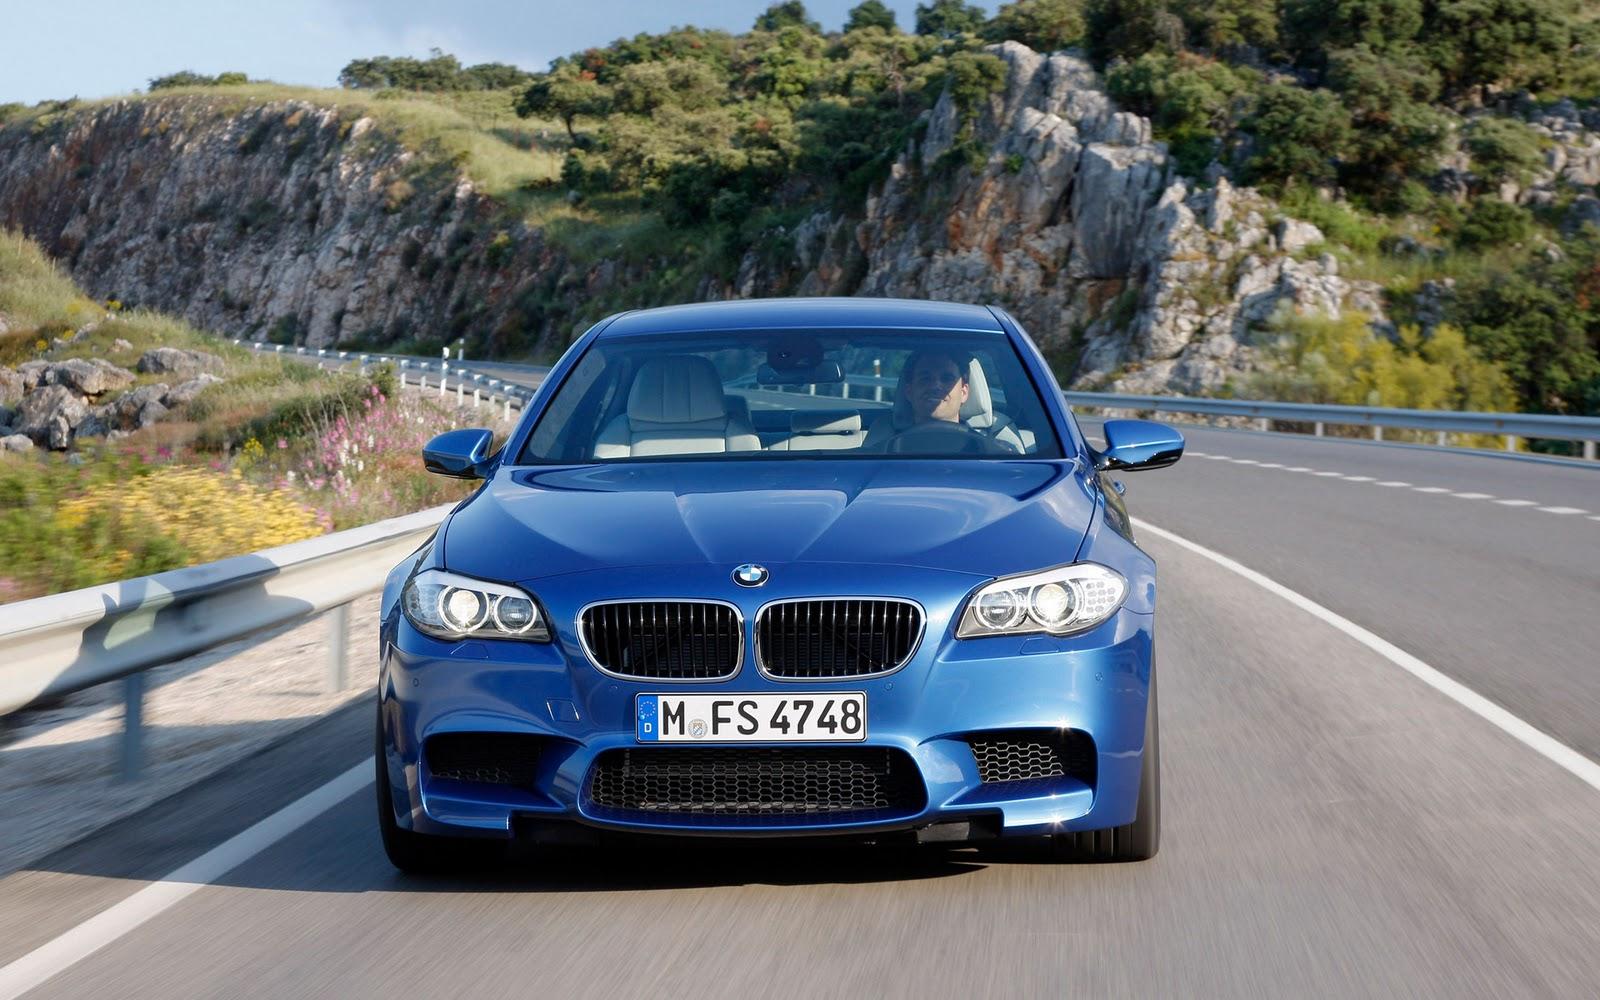 BMW M5 F10 2012 Wallpaper HD 1920x1200 Widescreen 1600x1000